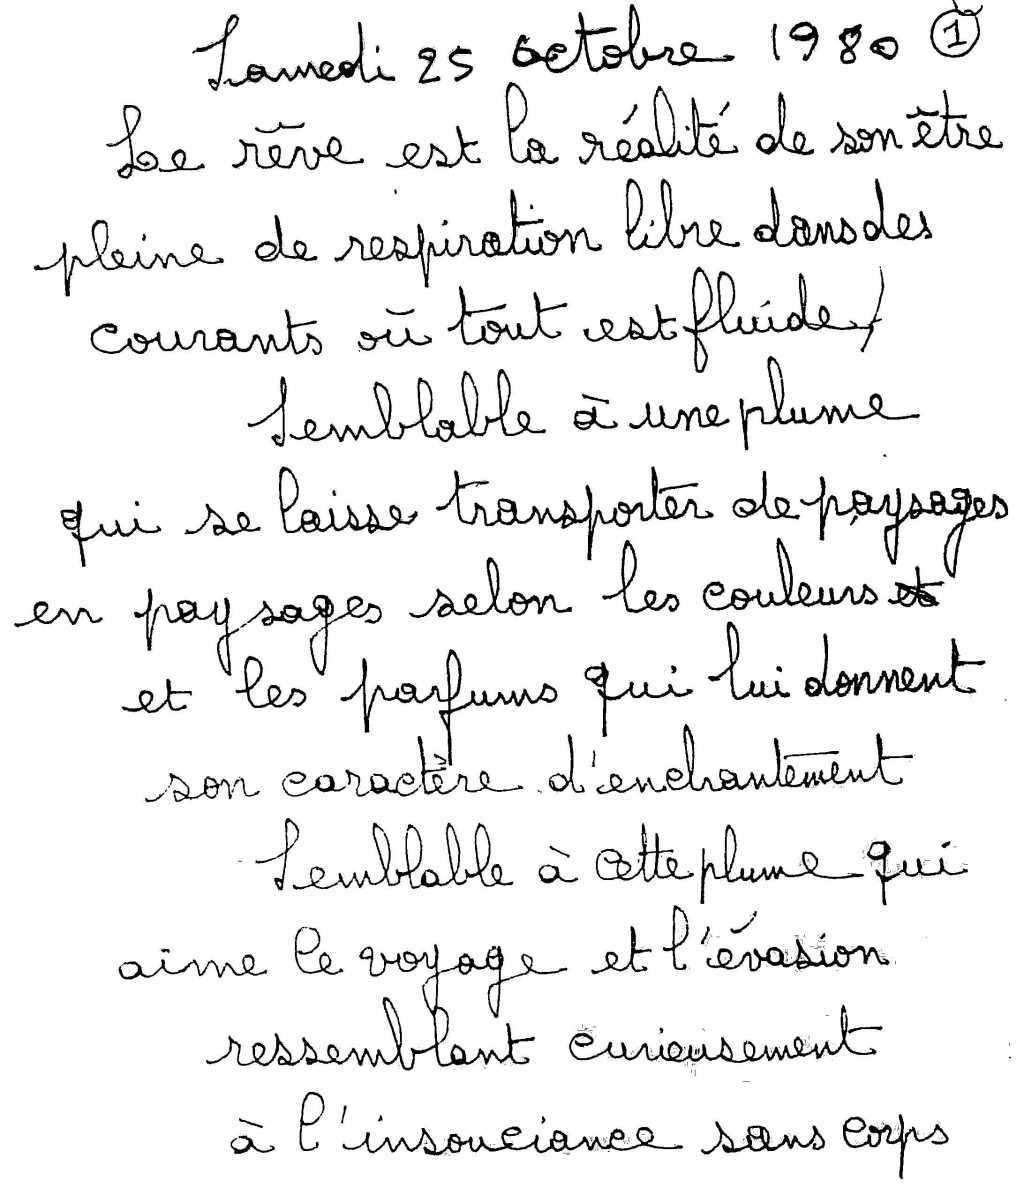 manuscrit du poème 2570